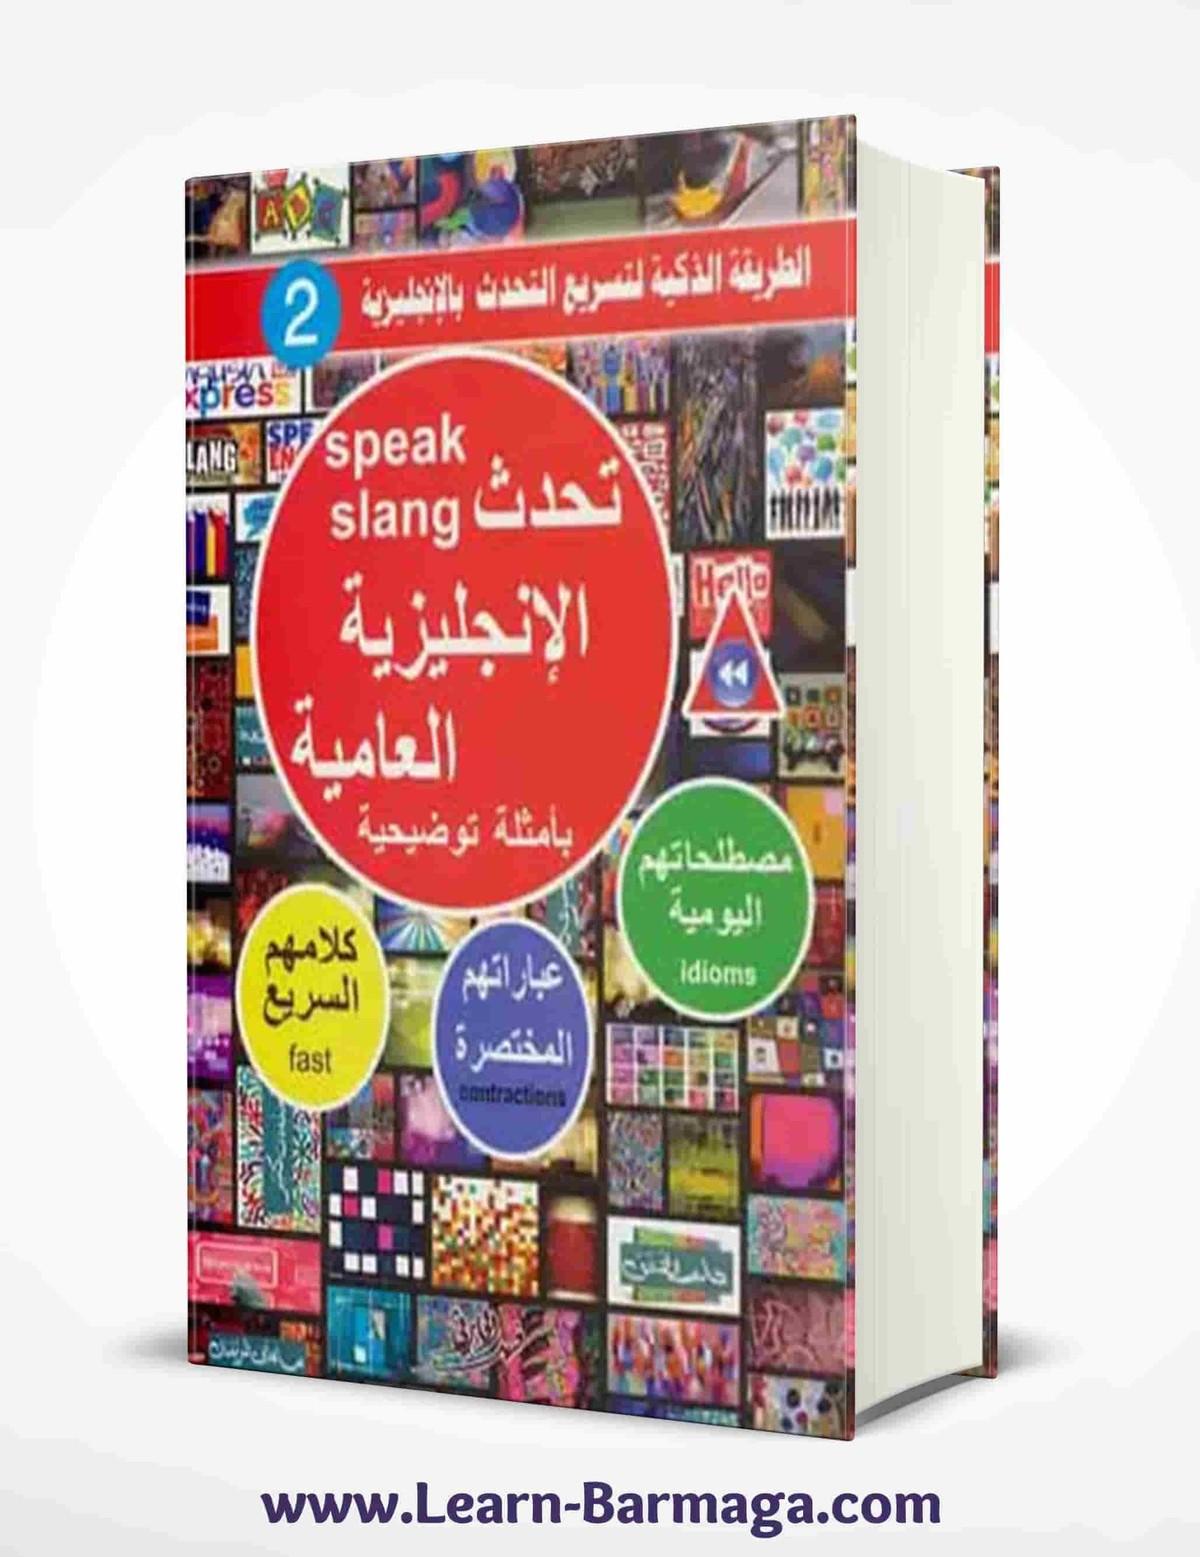 Speak Slang كتاب تحدث الإنجليزية العامية بأمثلة توضيحية